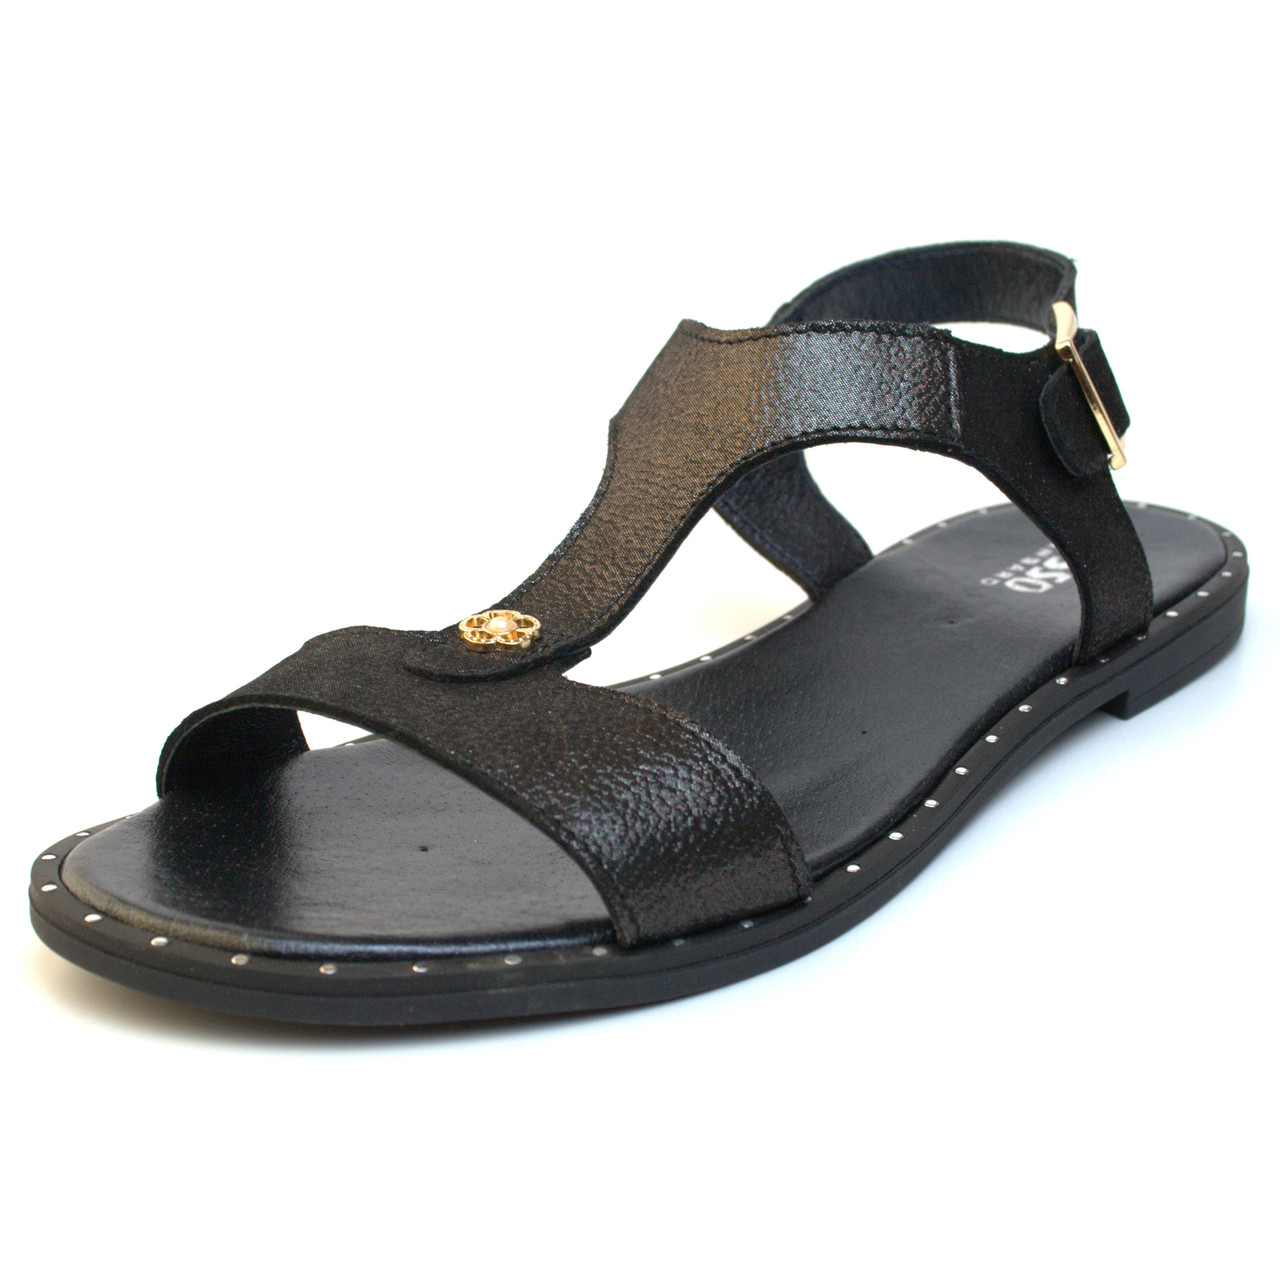 Босоножки кожаные женская обувь большой размер Butterfly Black Purple by Rosso Avangard BS черный перламутр